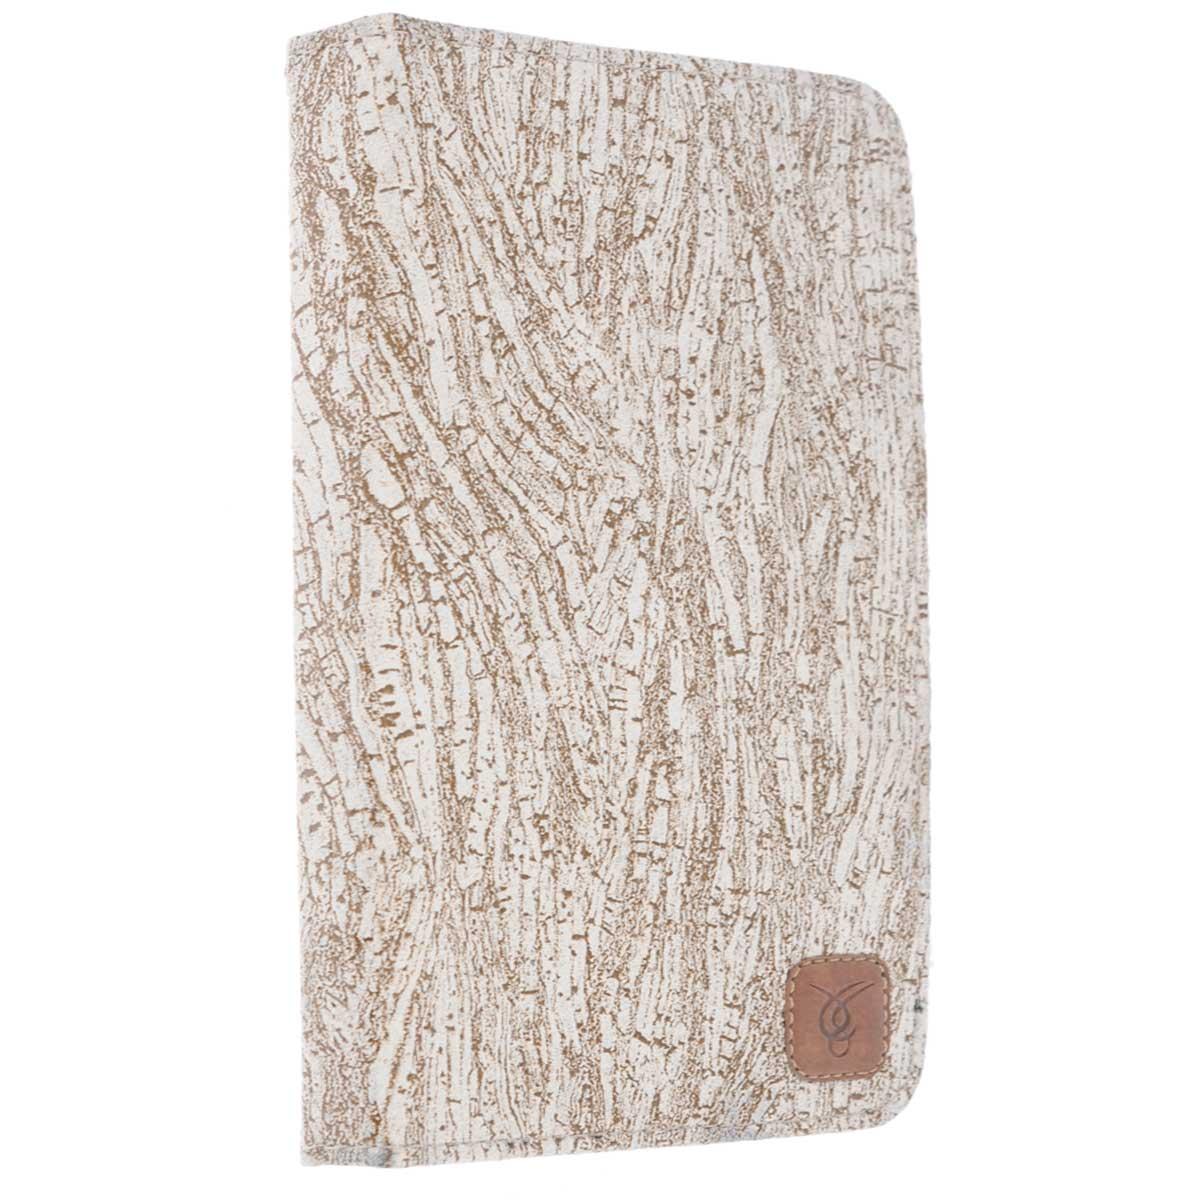 Vivacase Textile чехол для Asus MeMO Pad 7, Beige (VAS-ASMPT06-be)